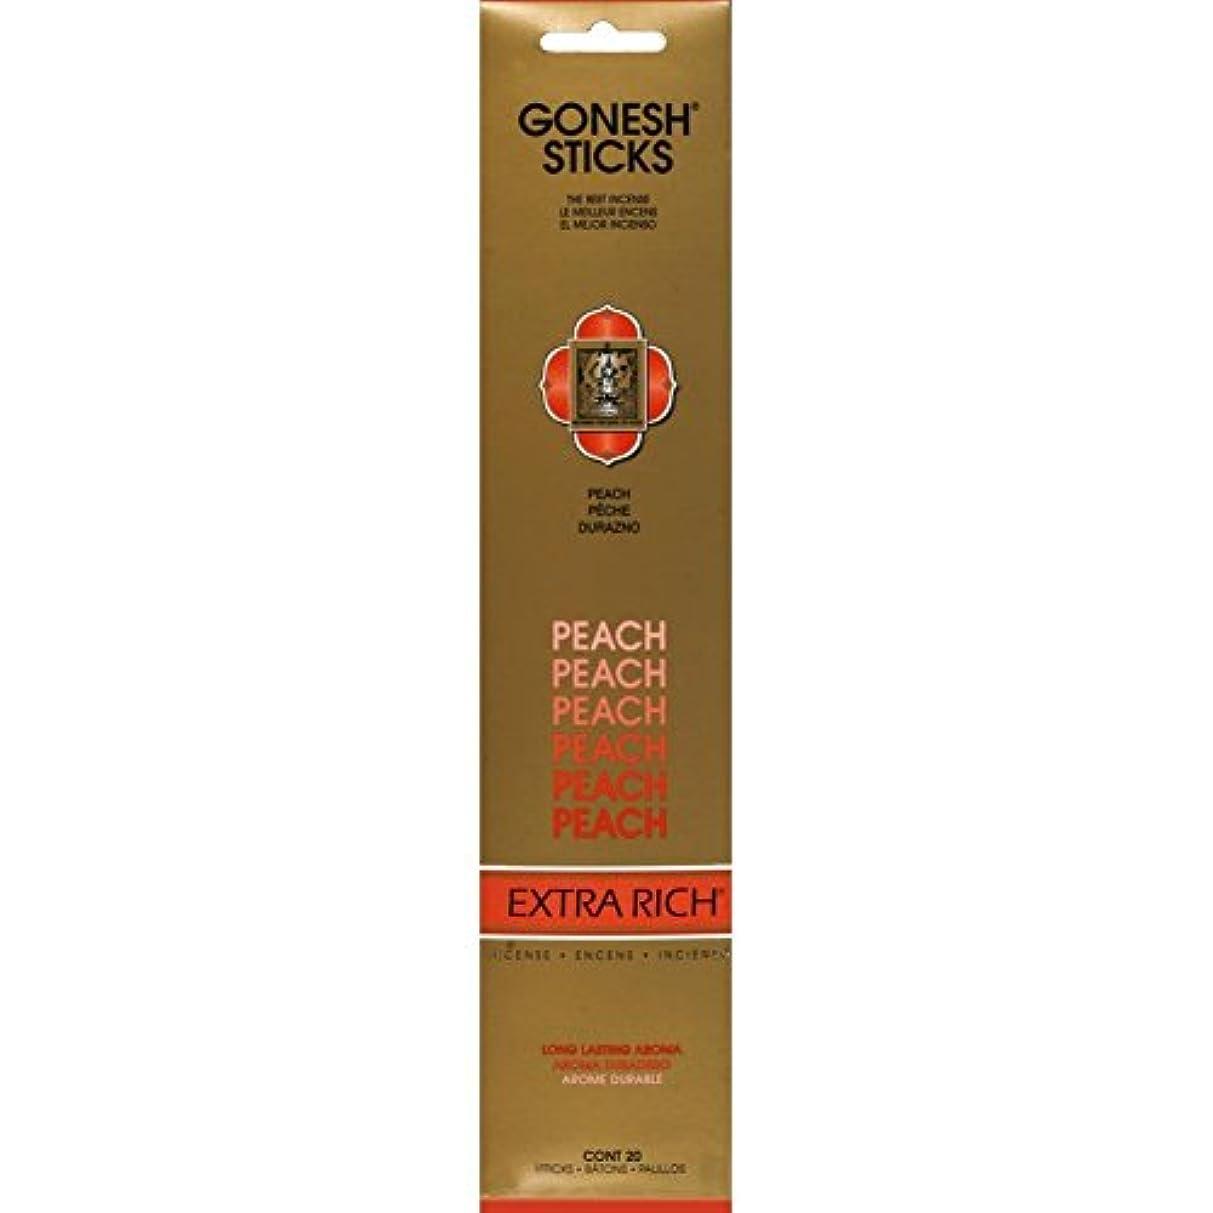 残基通行料金感じGonesh - Peach 20 Count Incense Sticks by Gonesh